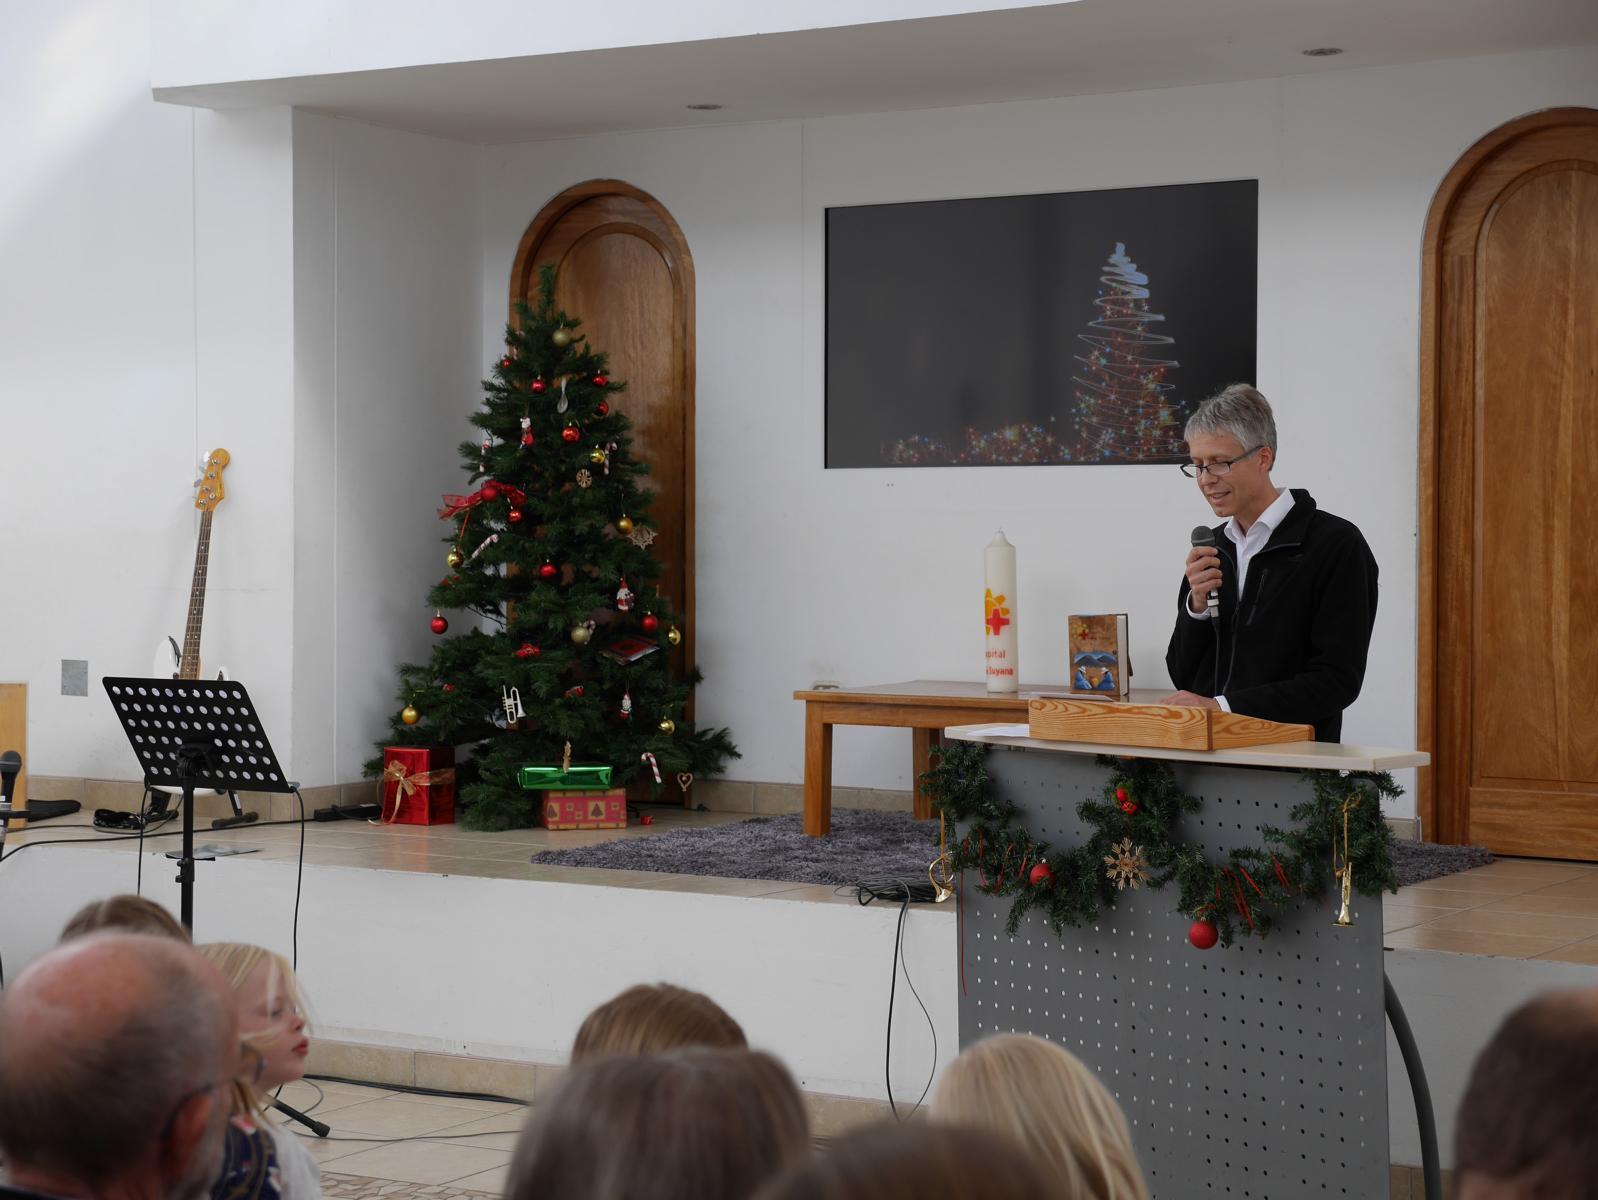 Werner wurde gefragt, ob er im Weihnachtsgottesdienst die Predigt halten würde.